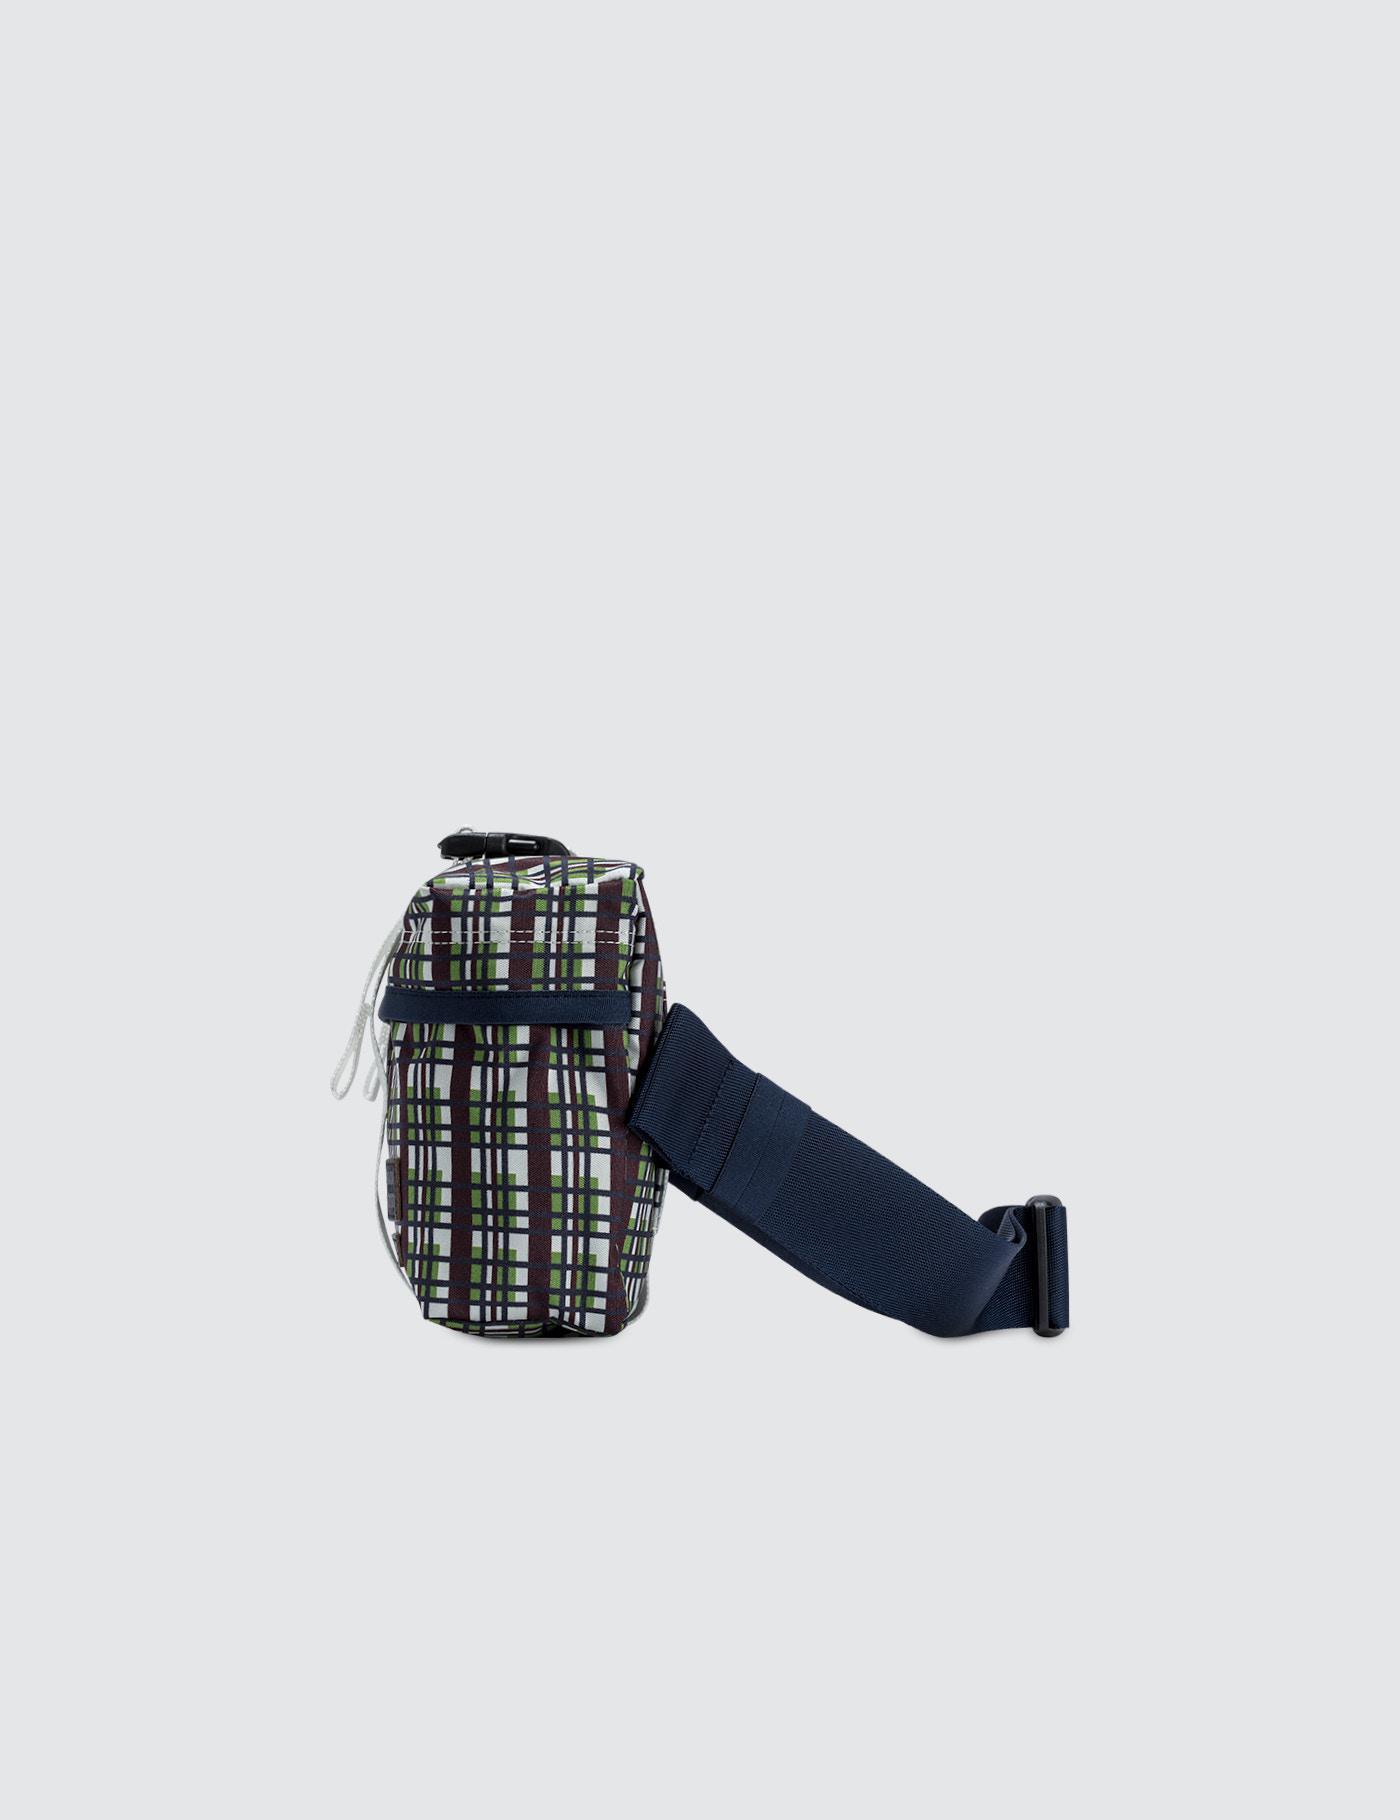 406fe21e980f Lyst - Marni X Porter Bum Bag in Blue for Men